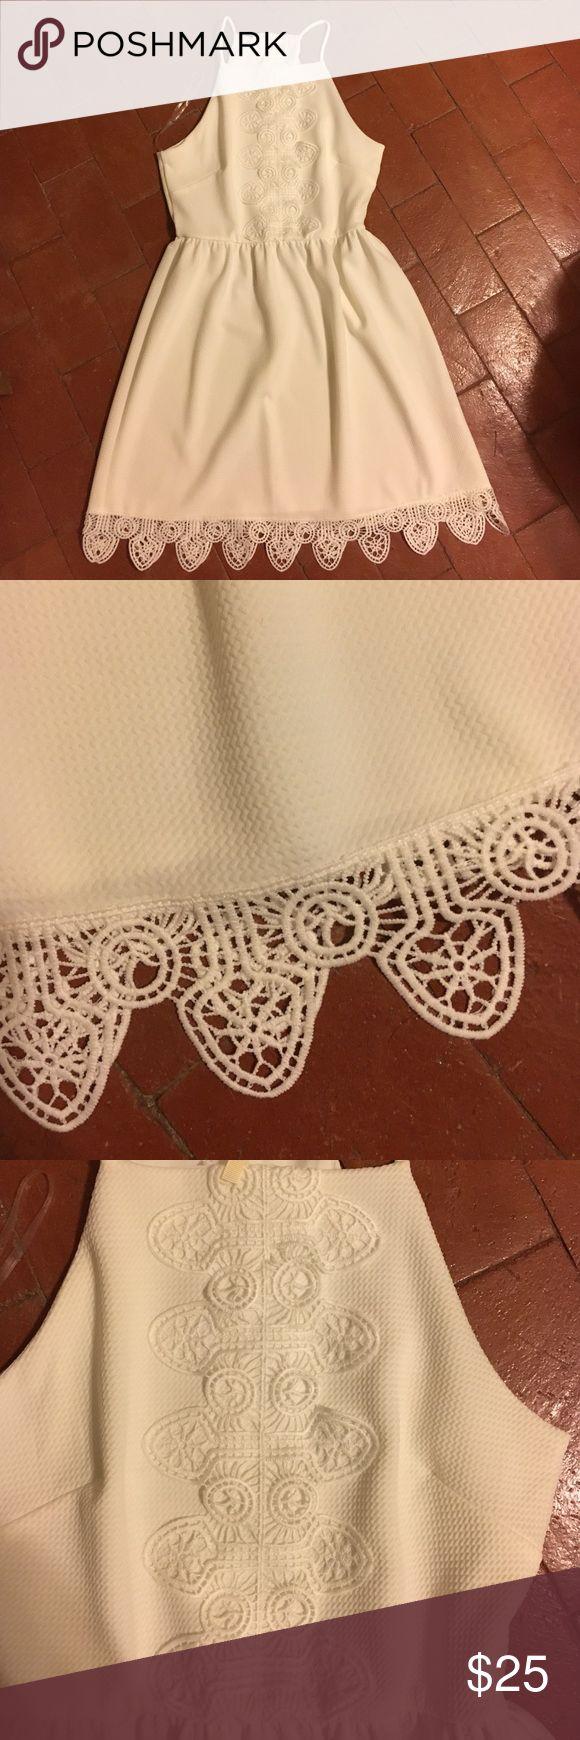 White mid length dress White mid length dress from the boutique, Francesca's. good condition. Francesca's Collections Dresses Midi